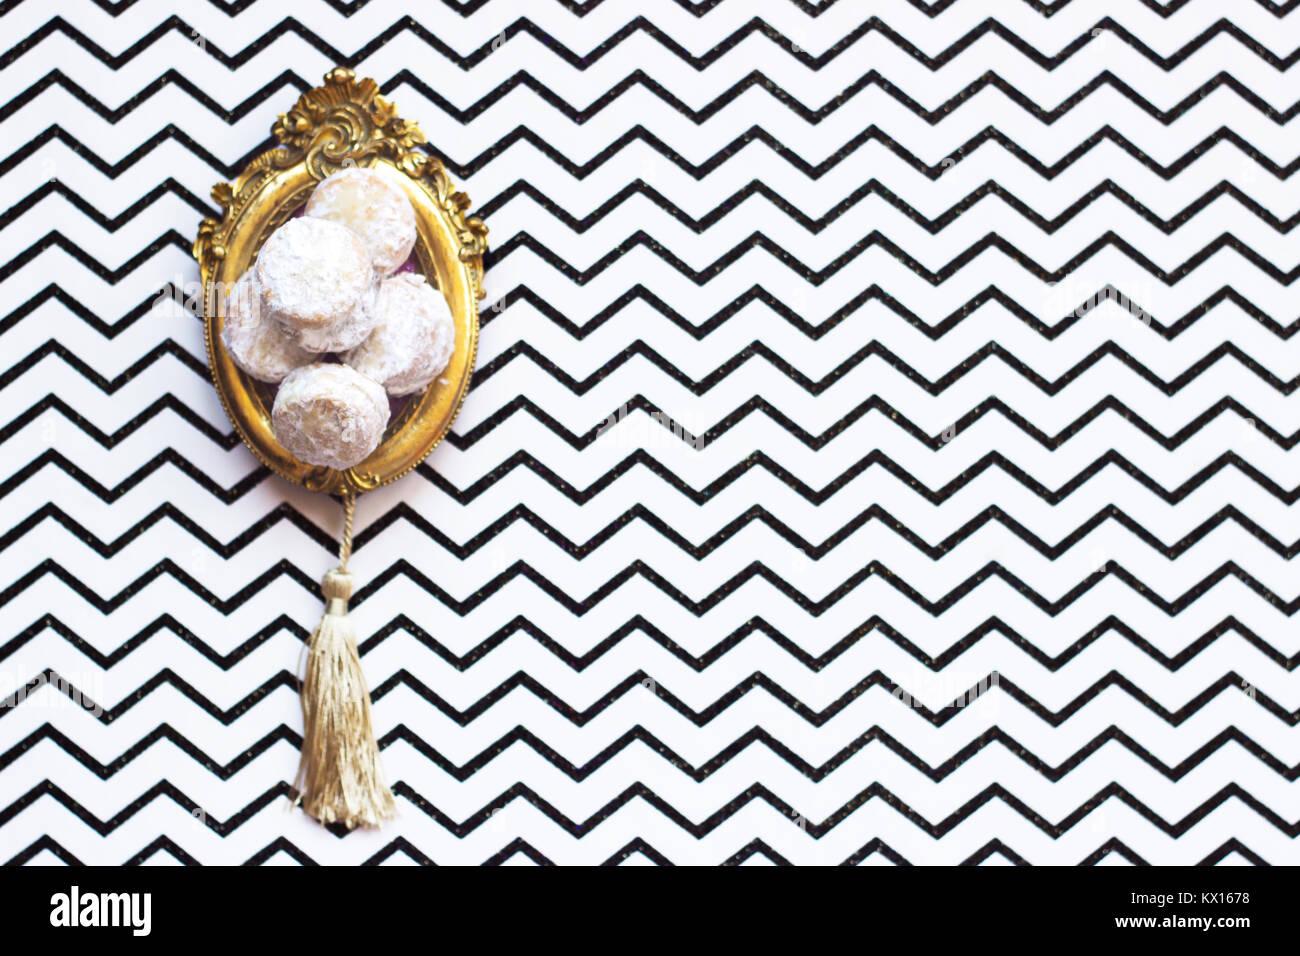 In casa la vaniglia e marmellata cookie, su vintage picture frame o sentiero, su sfondo chevron con spazio di copia Immagini Stock